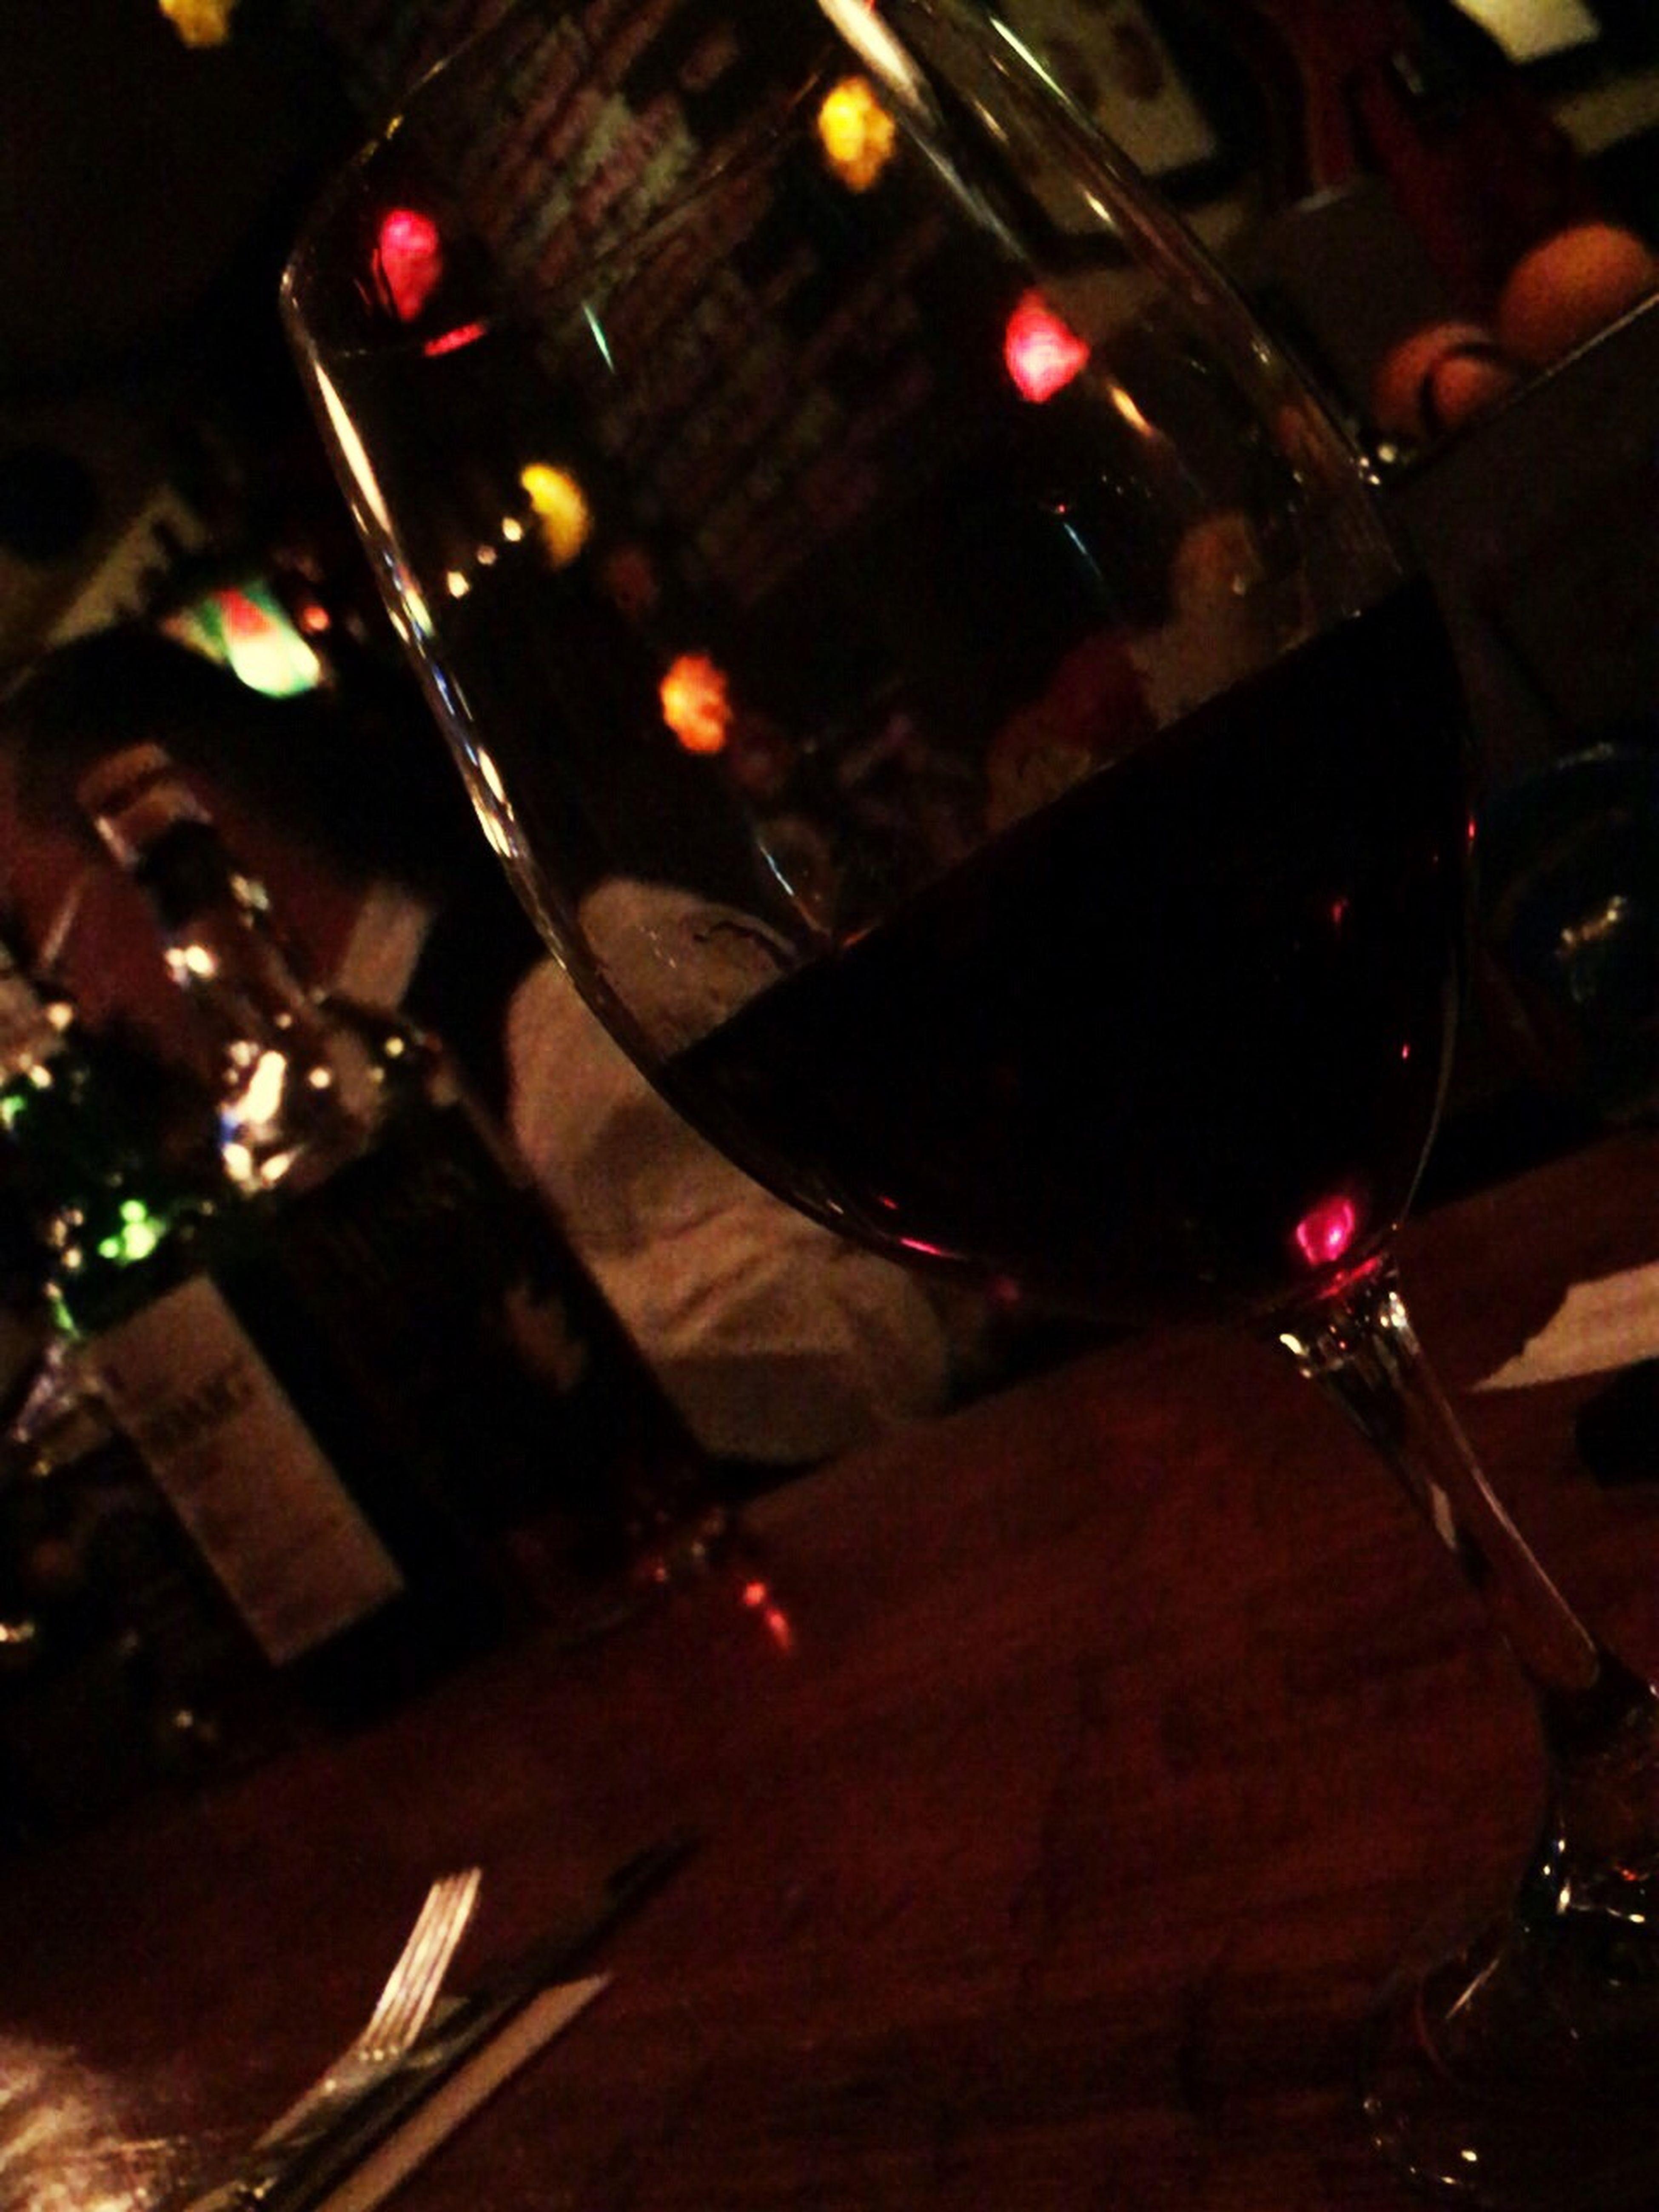 出張先の茨城の水戸にて。ご支援いただいている企業の受付嬢さんに教えていただいたBar。しゃれおつで美味しかったです❤︎❤︎❤︎ Bar Bar Counter Wineglass Red Wine Ibaraki Mito-shi Hello World Midnight Yummy